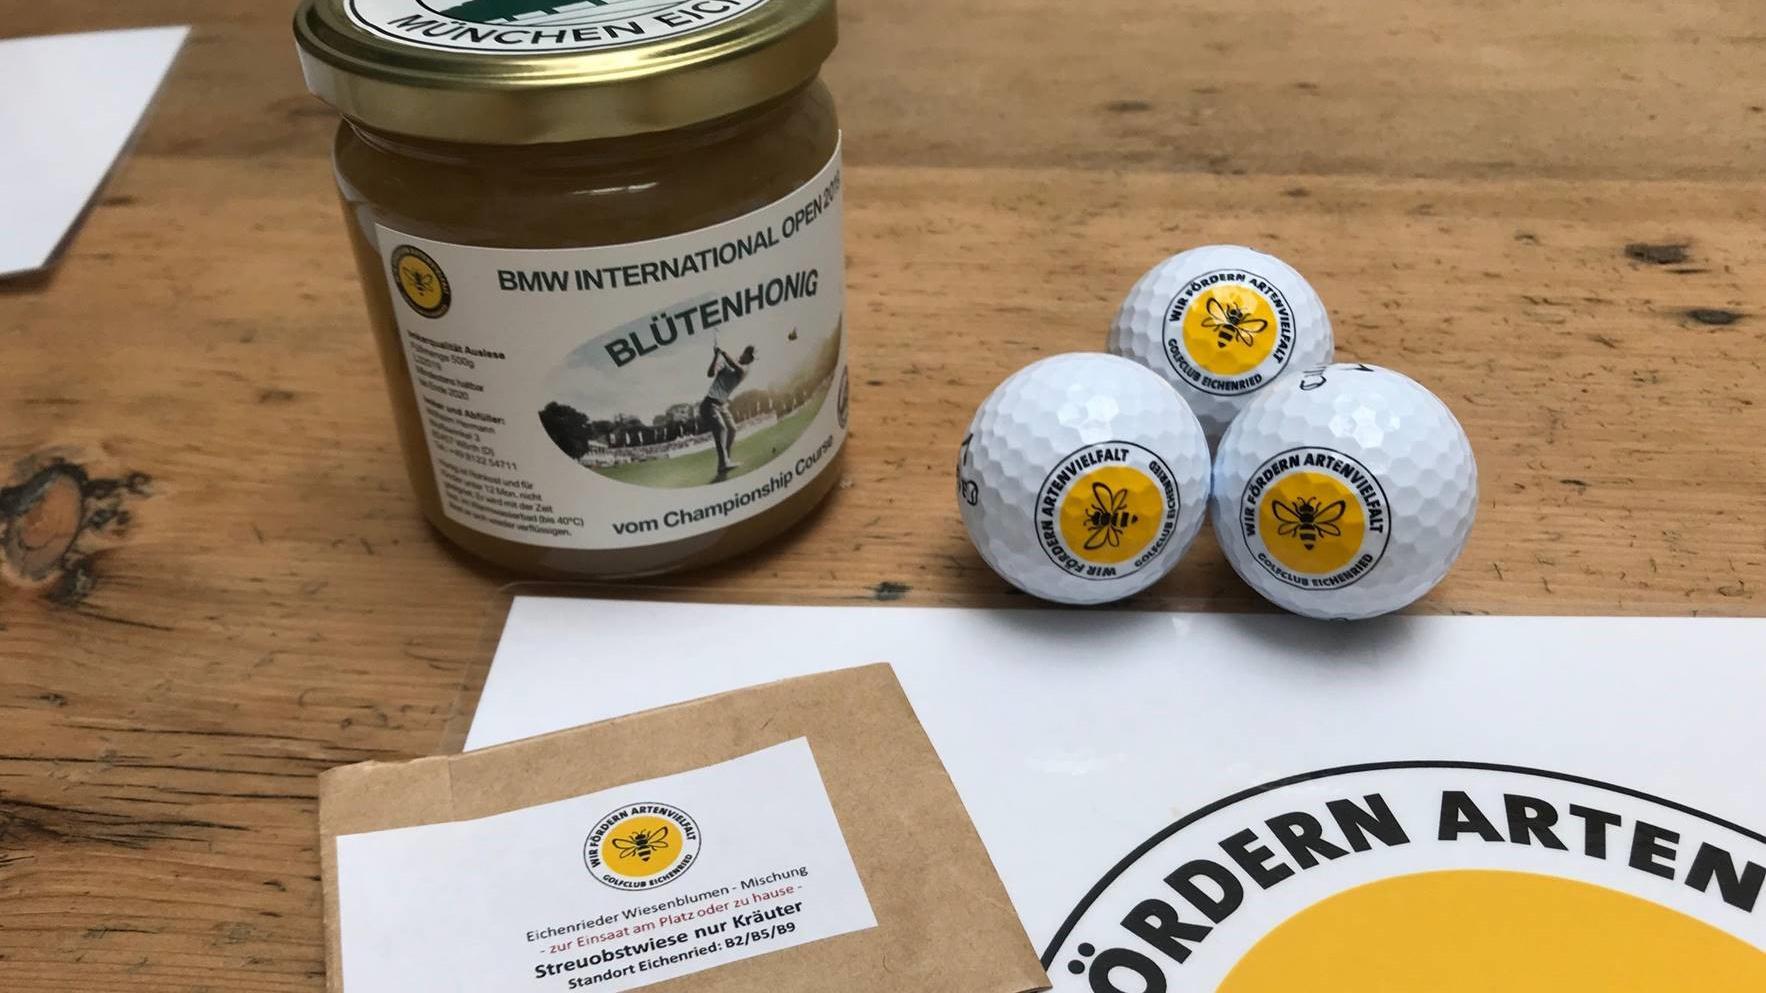 Honig Blüten Samensäckchen (Bild: GC München Eichenried))